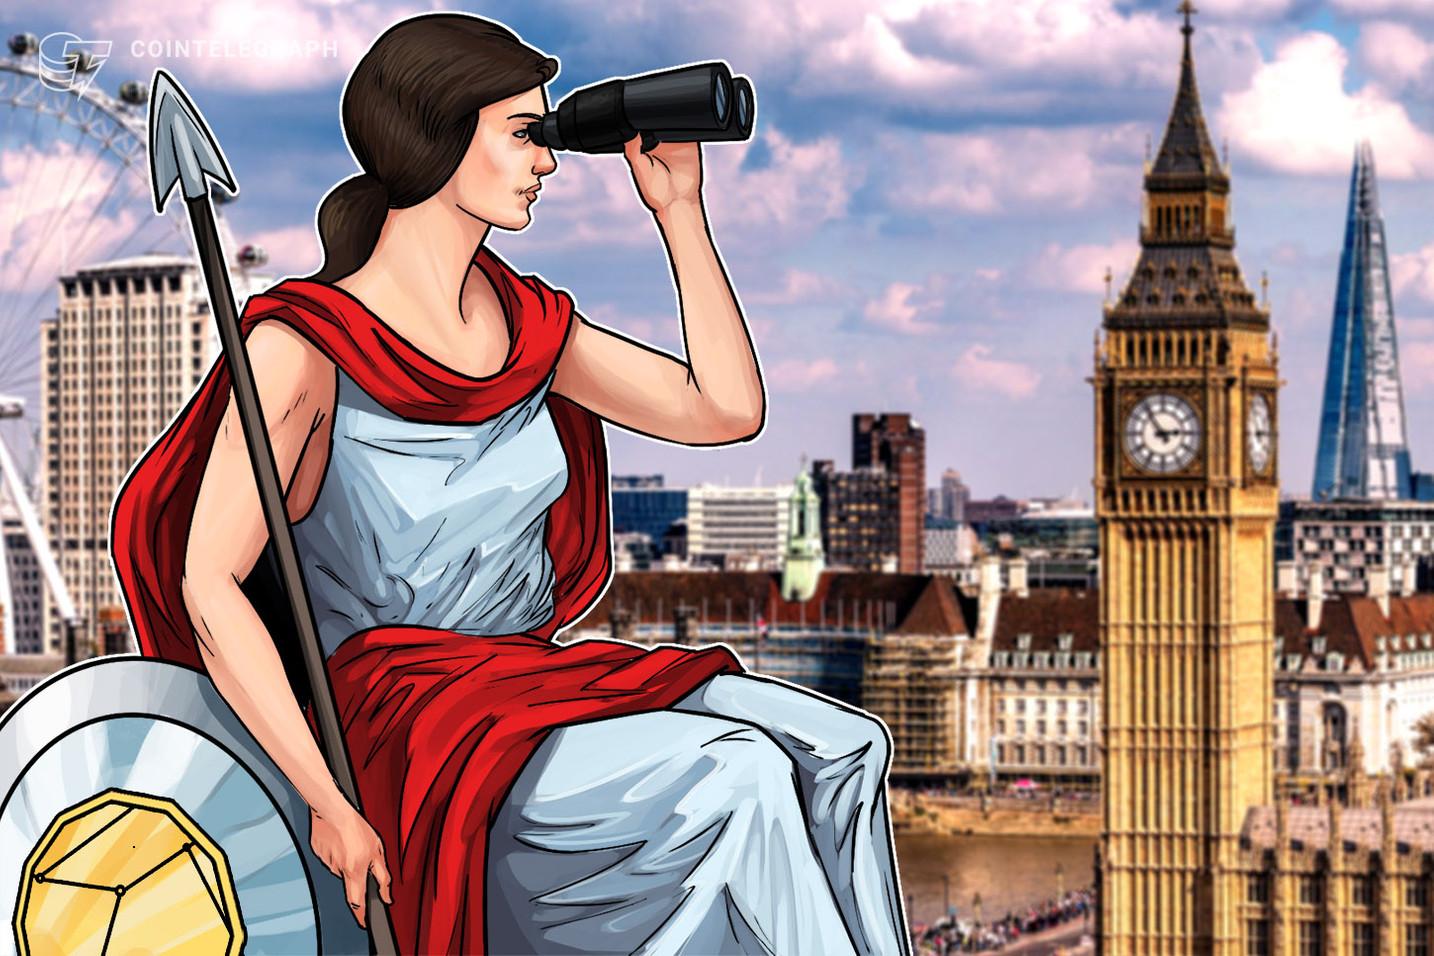 Banco da Inglaterra adverte que adoção de criptomoedas pode afetar geração de crédito